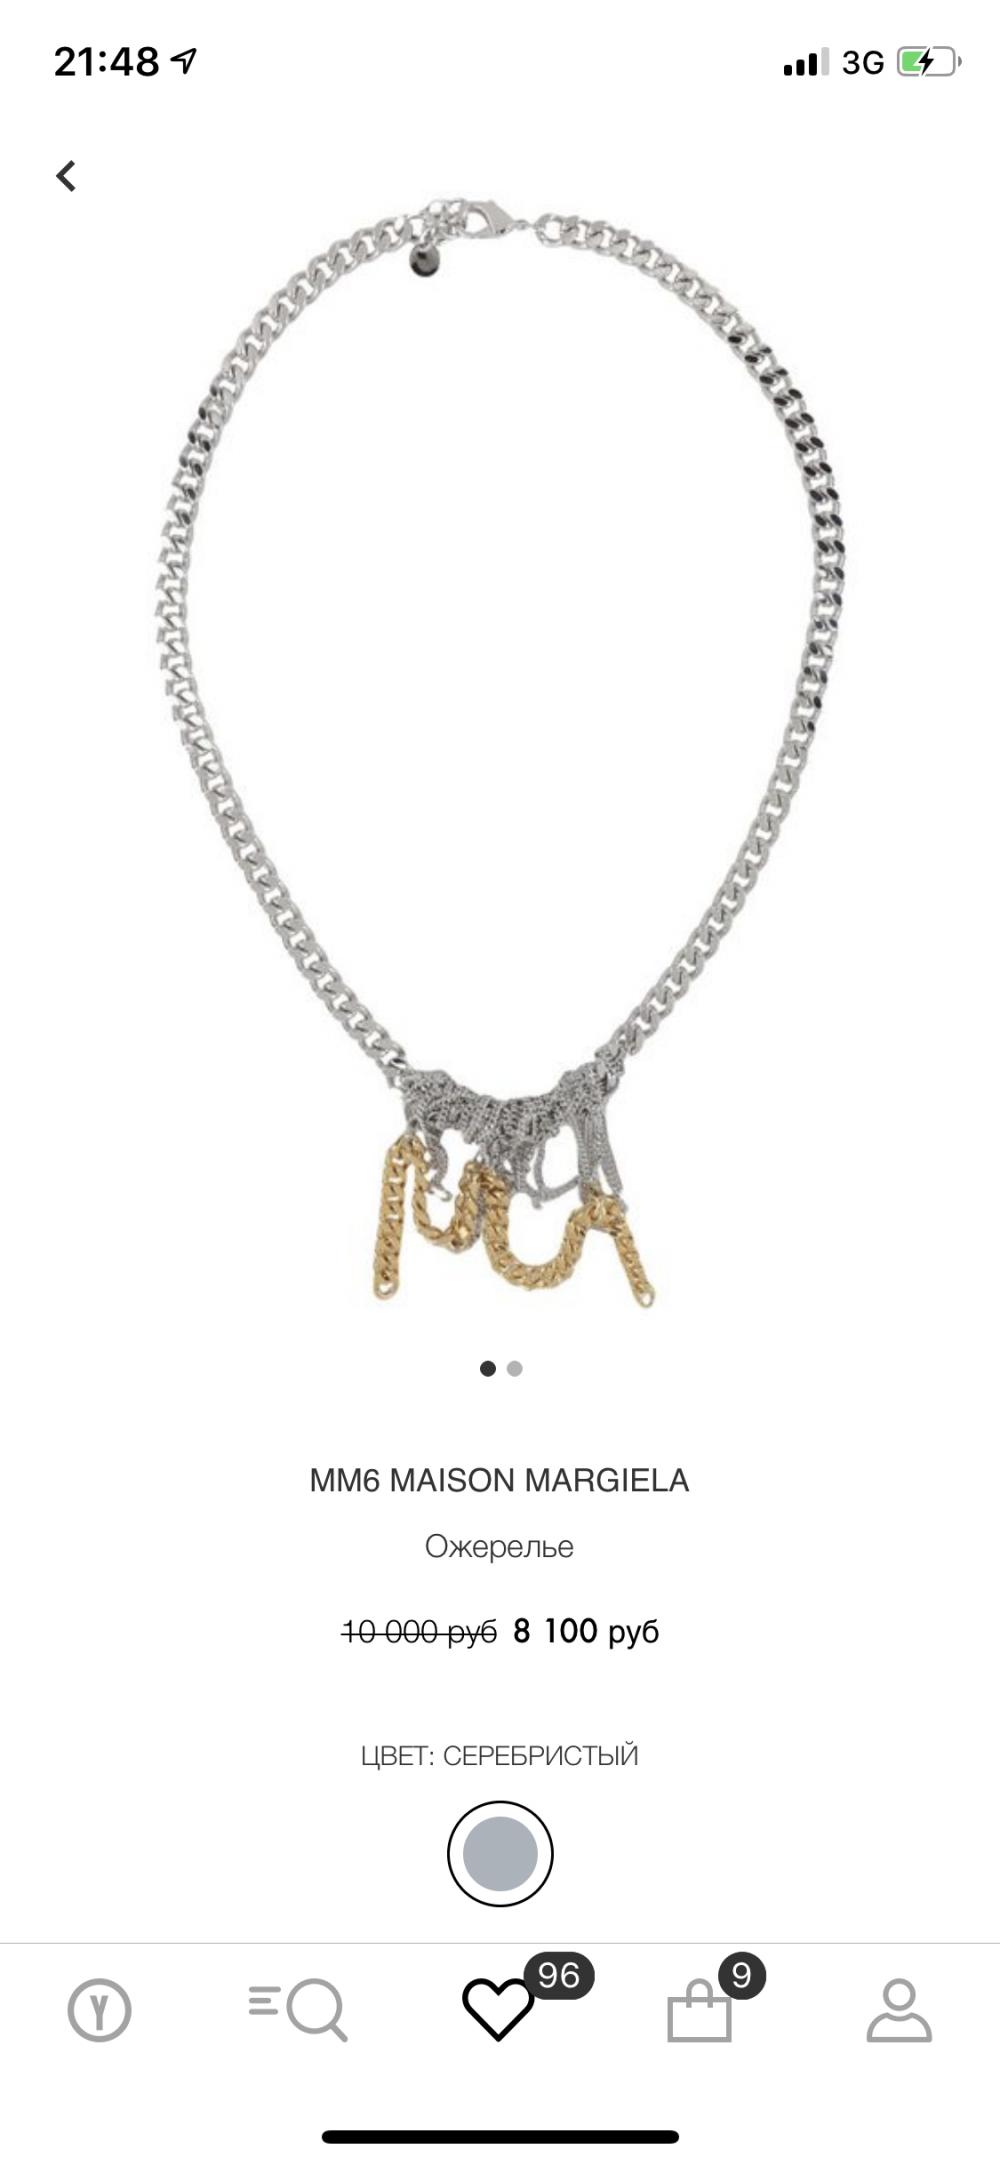 Колье Mm6 Maison Margiela, 60 см